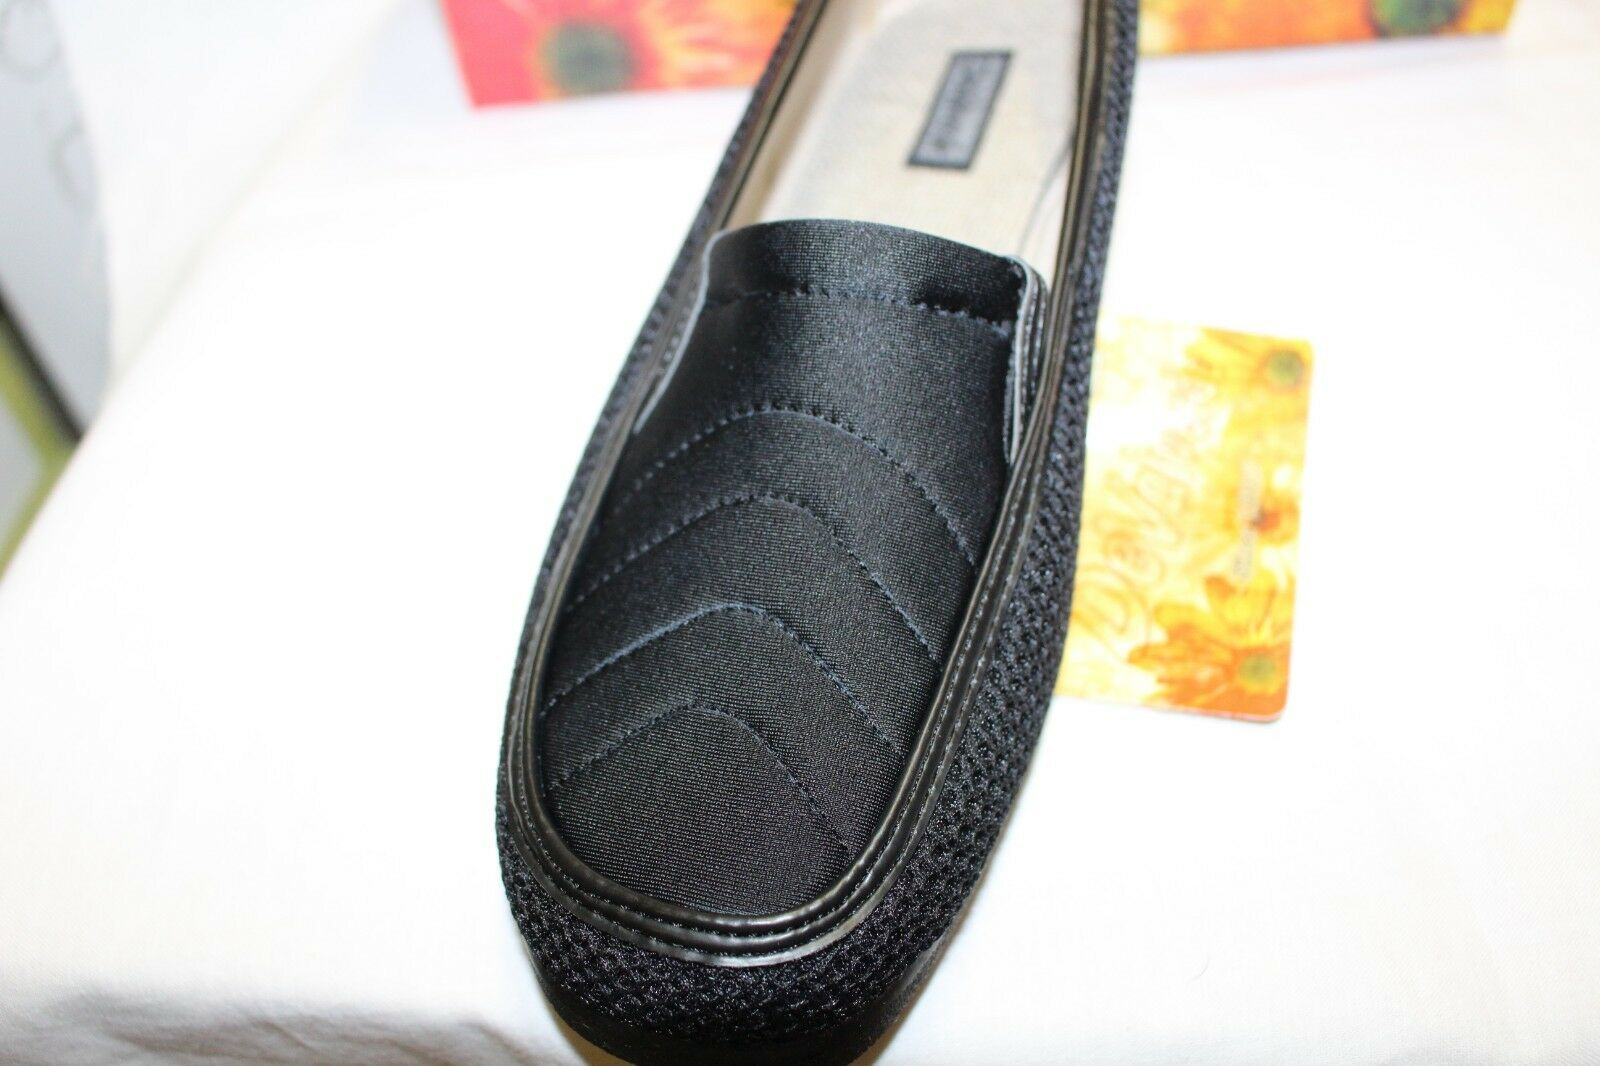 Damas Zapatos Valverde Calzado-de Valverde Zapatos Slip On 786 Negro b4c8d9